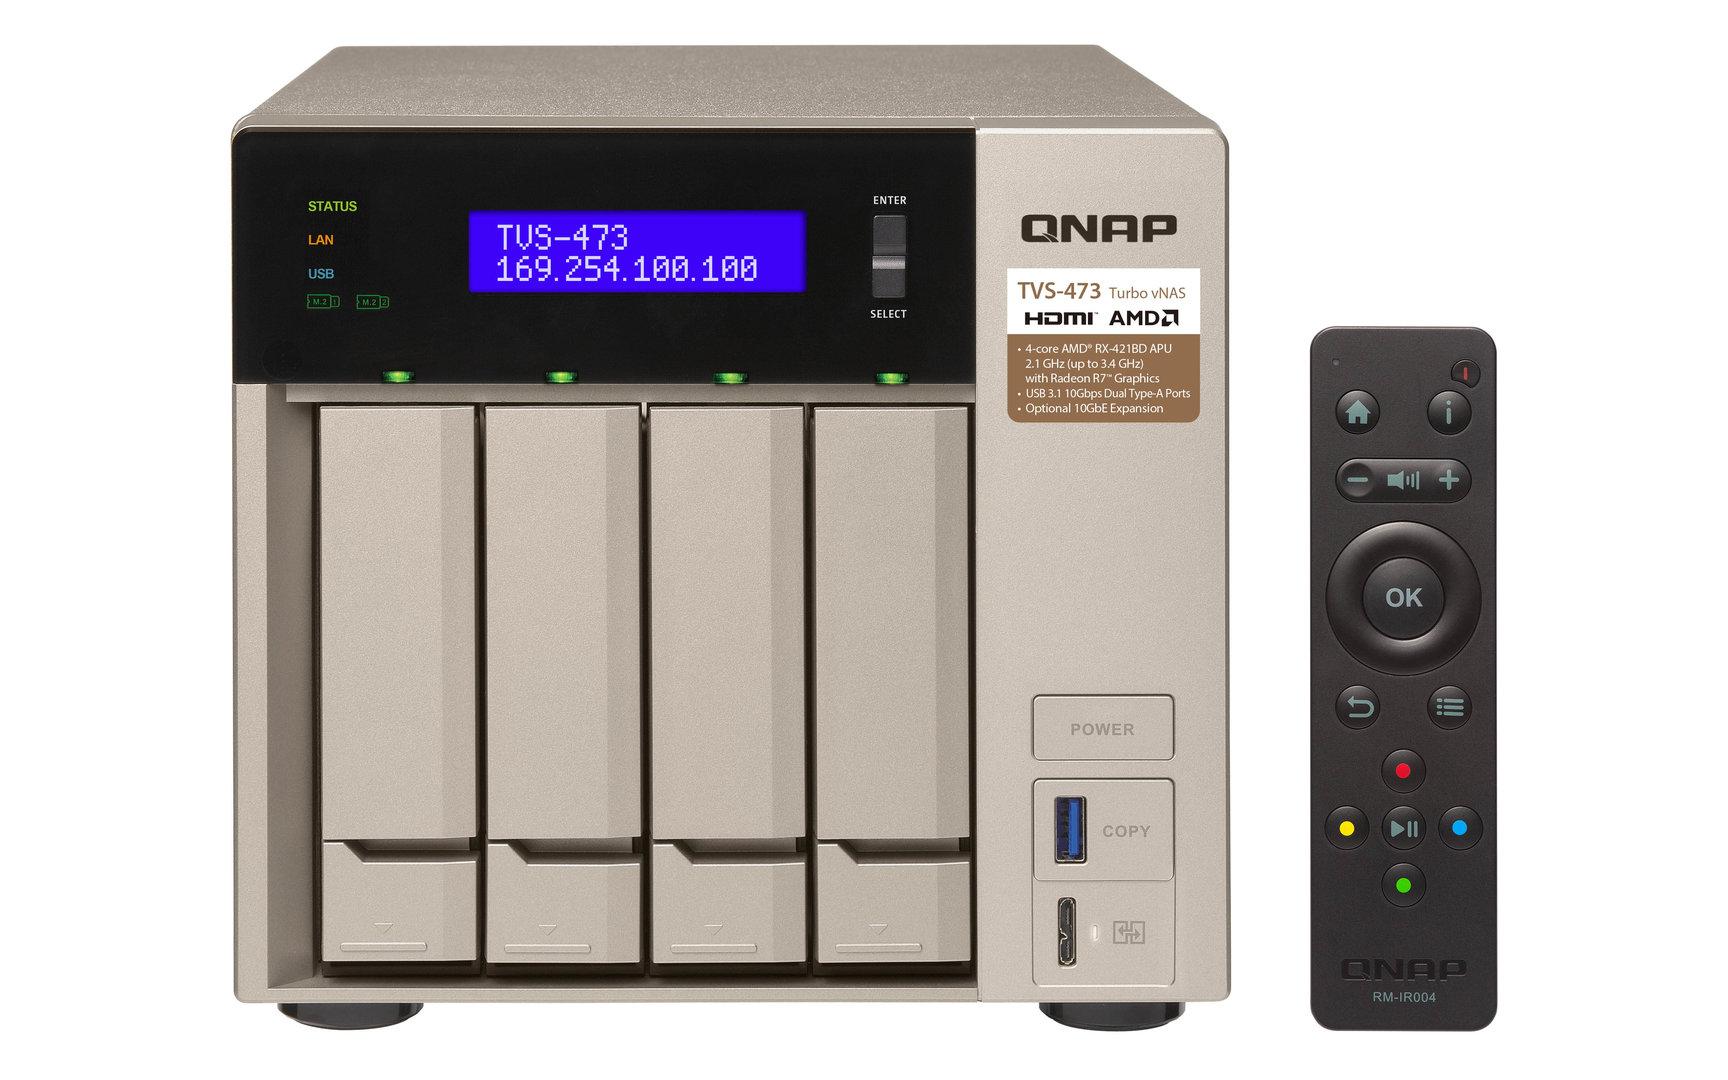 QNAP TVS-473